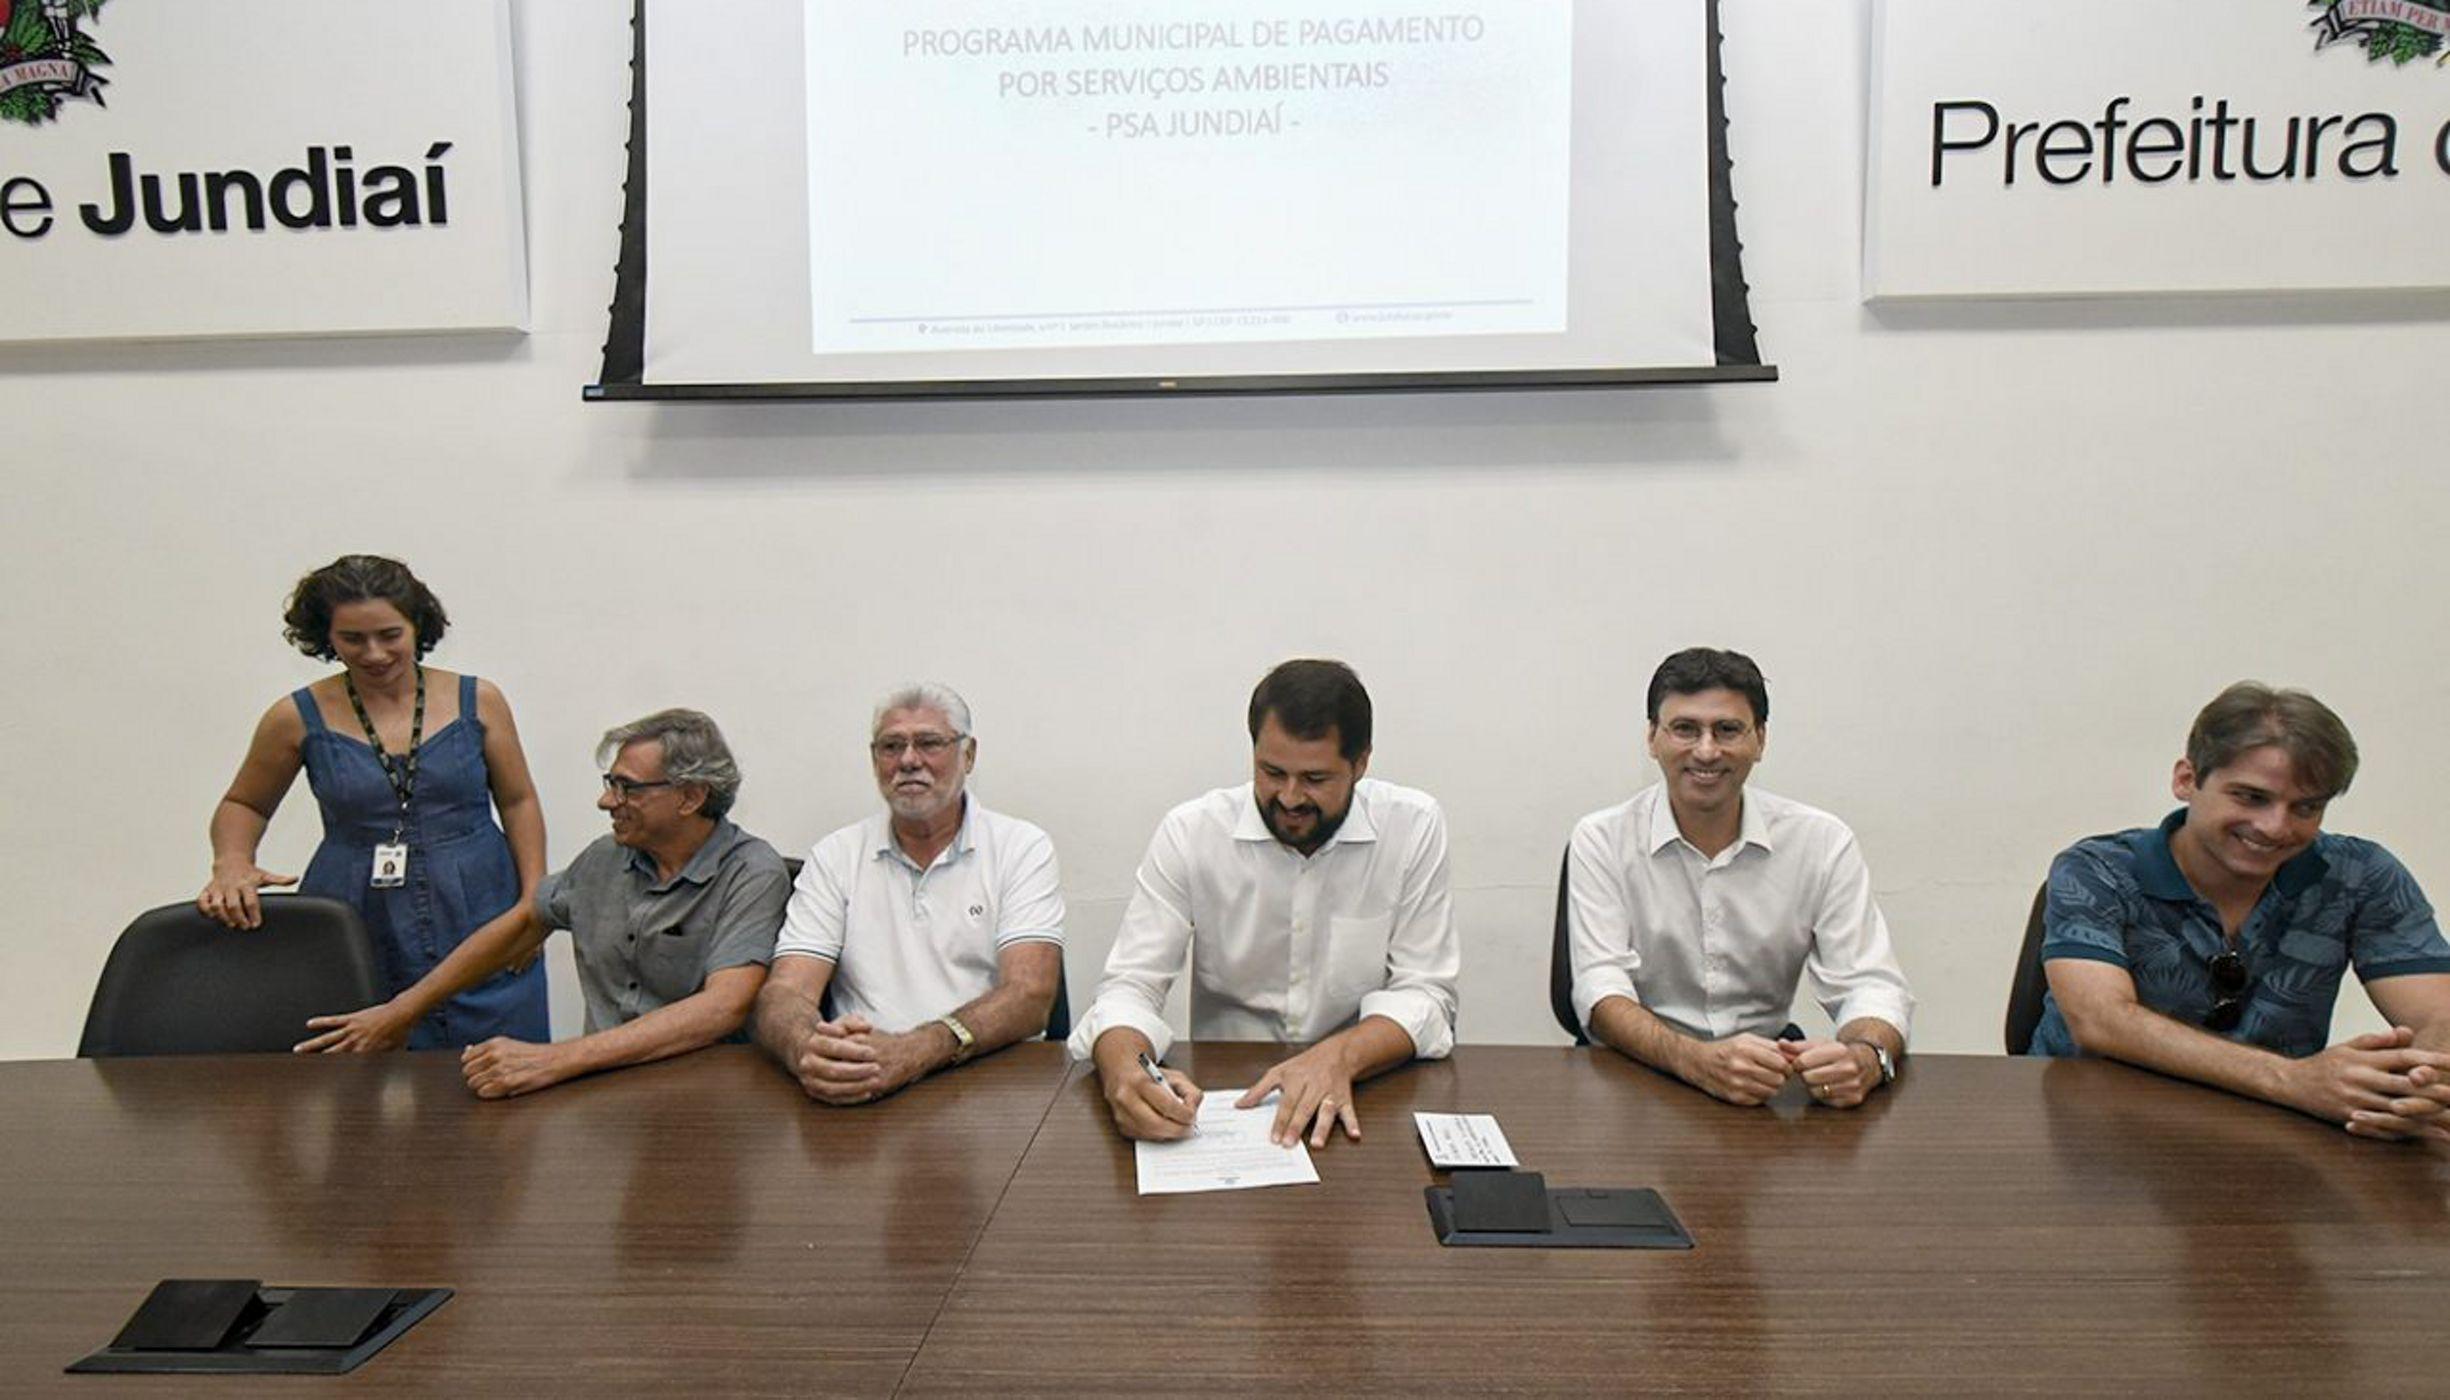 Samuel Barreto, Gerente de Segurança Hídrica da TNC Brasil, junto com representantes da Prefeitura de Jundiaí durante evento de assinatura dos termos de compromisso.